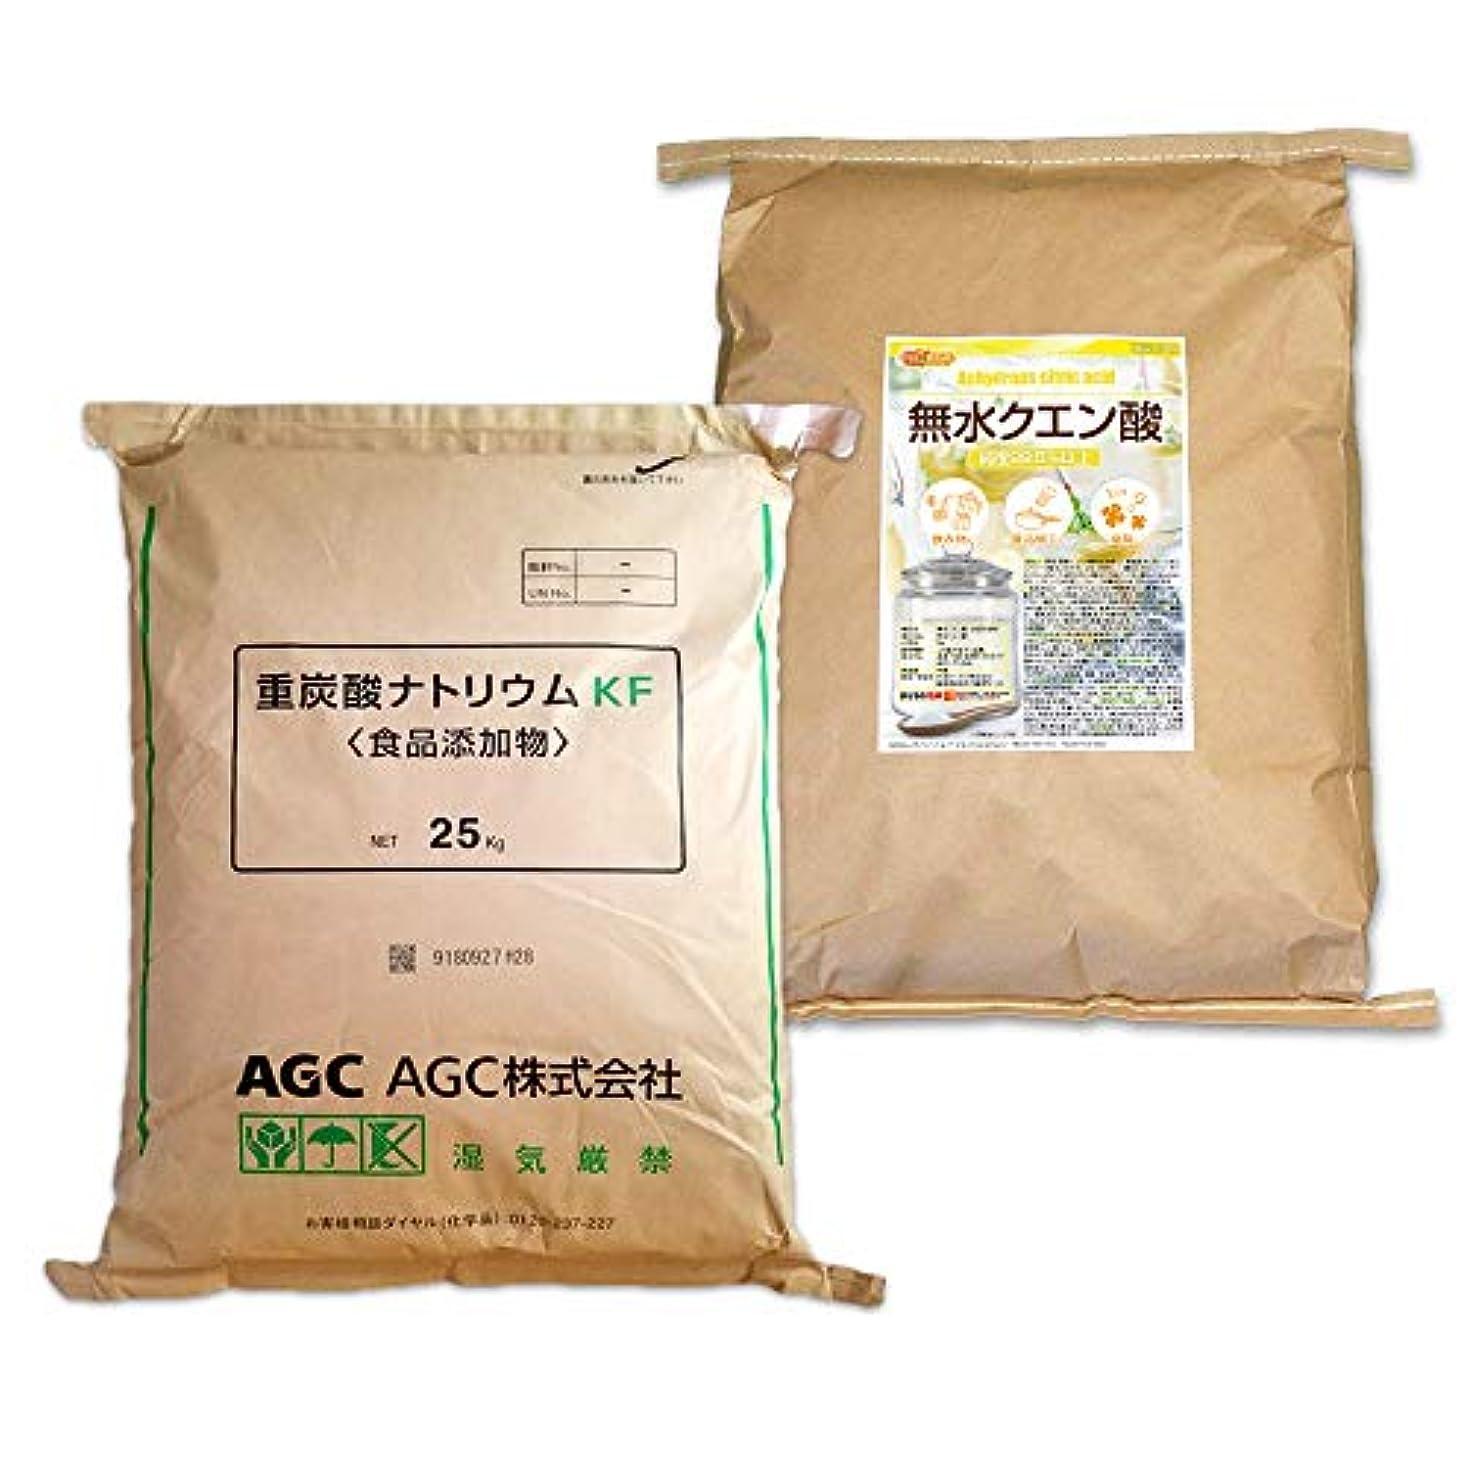 誓約パスタトランジスタAGC製 重曹 25kg + 無水 クエン酸 25kg セット [02] 【同梱不可】NICHIGA(ニチガ)